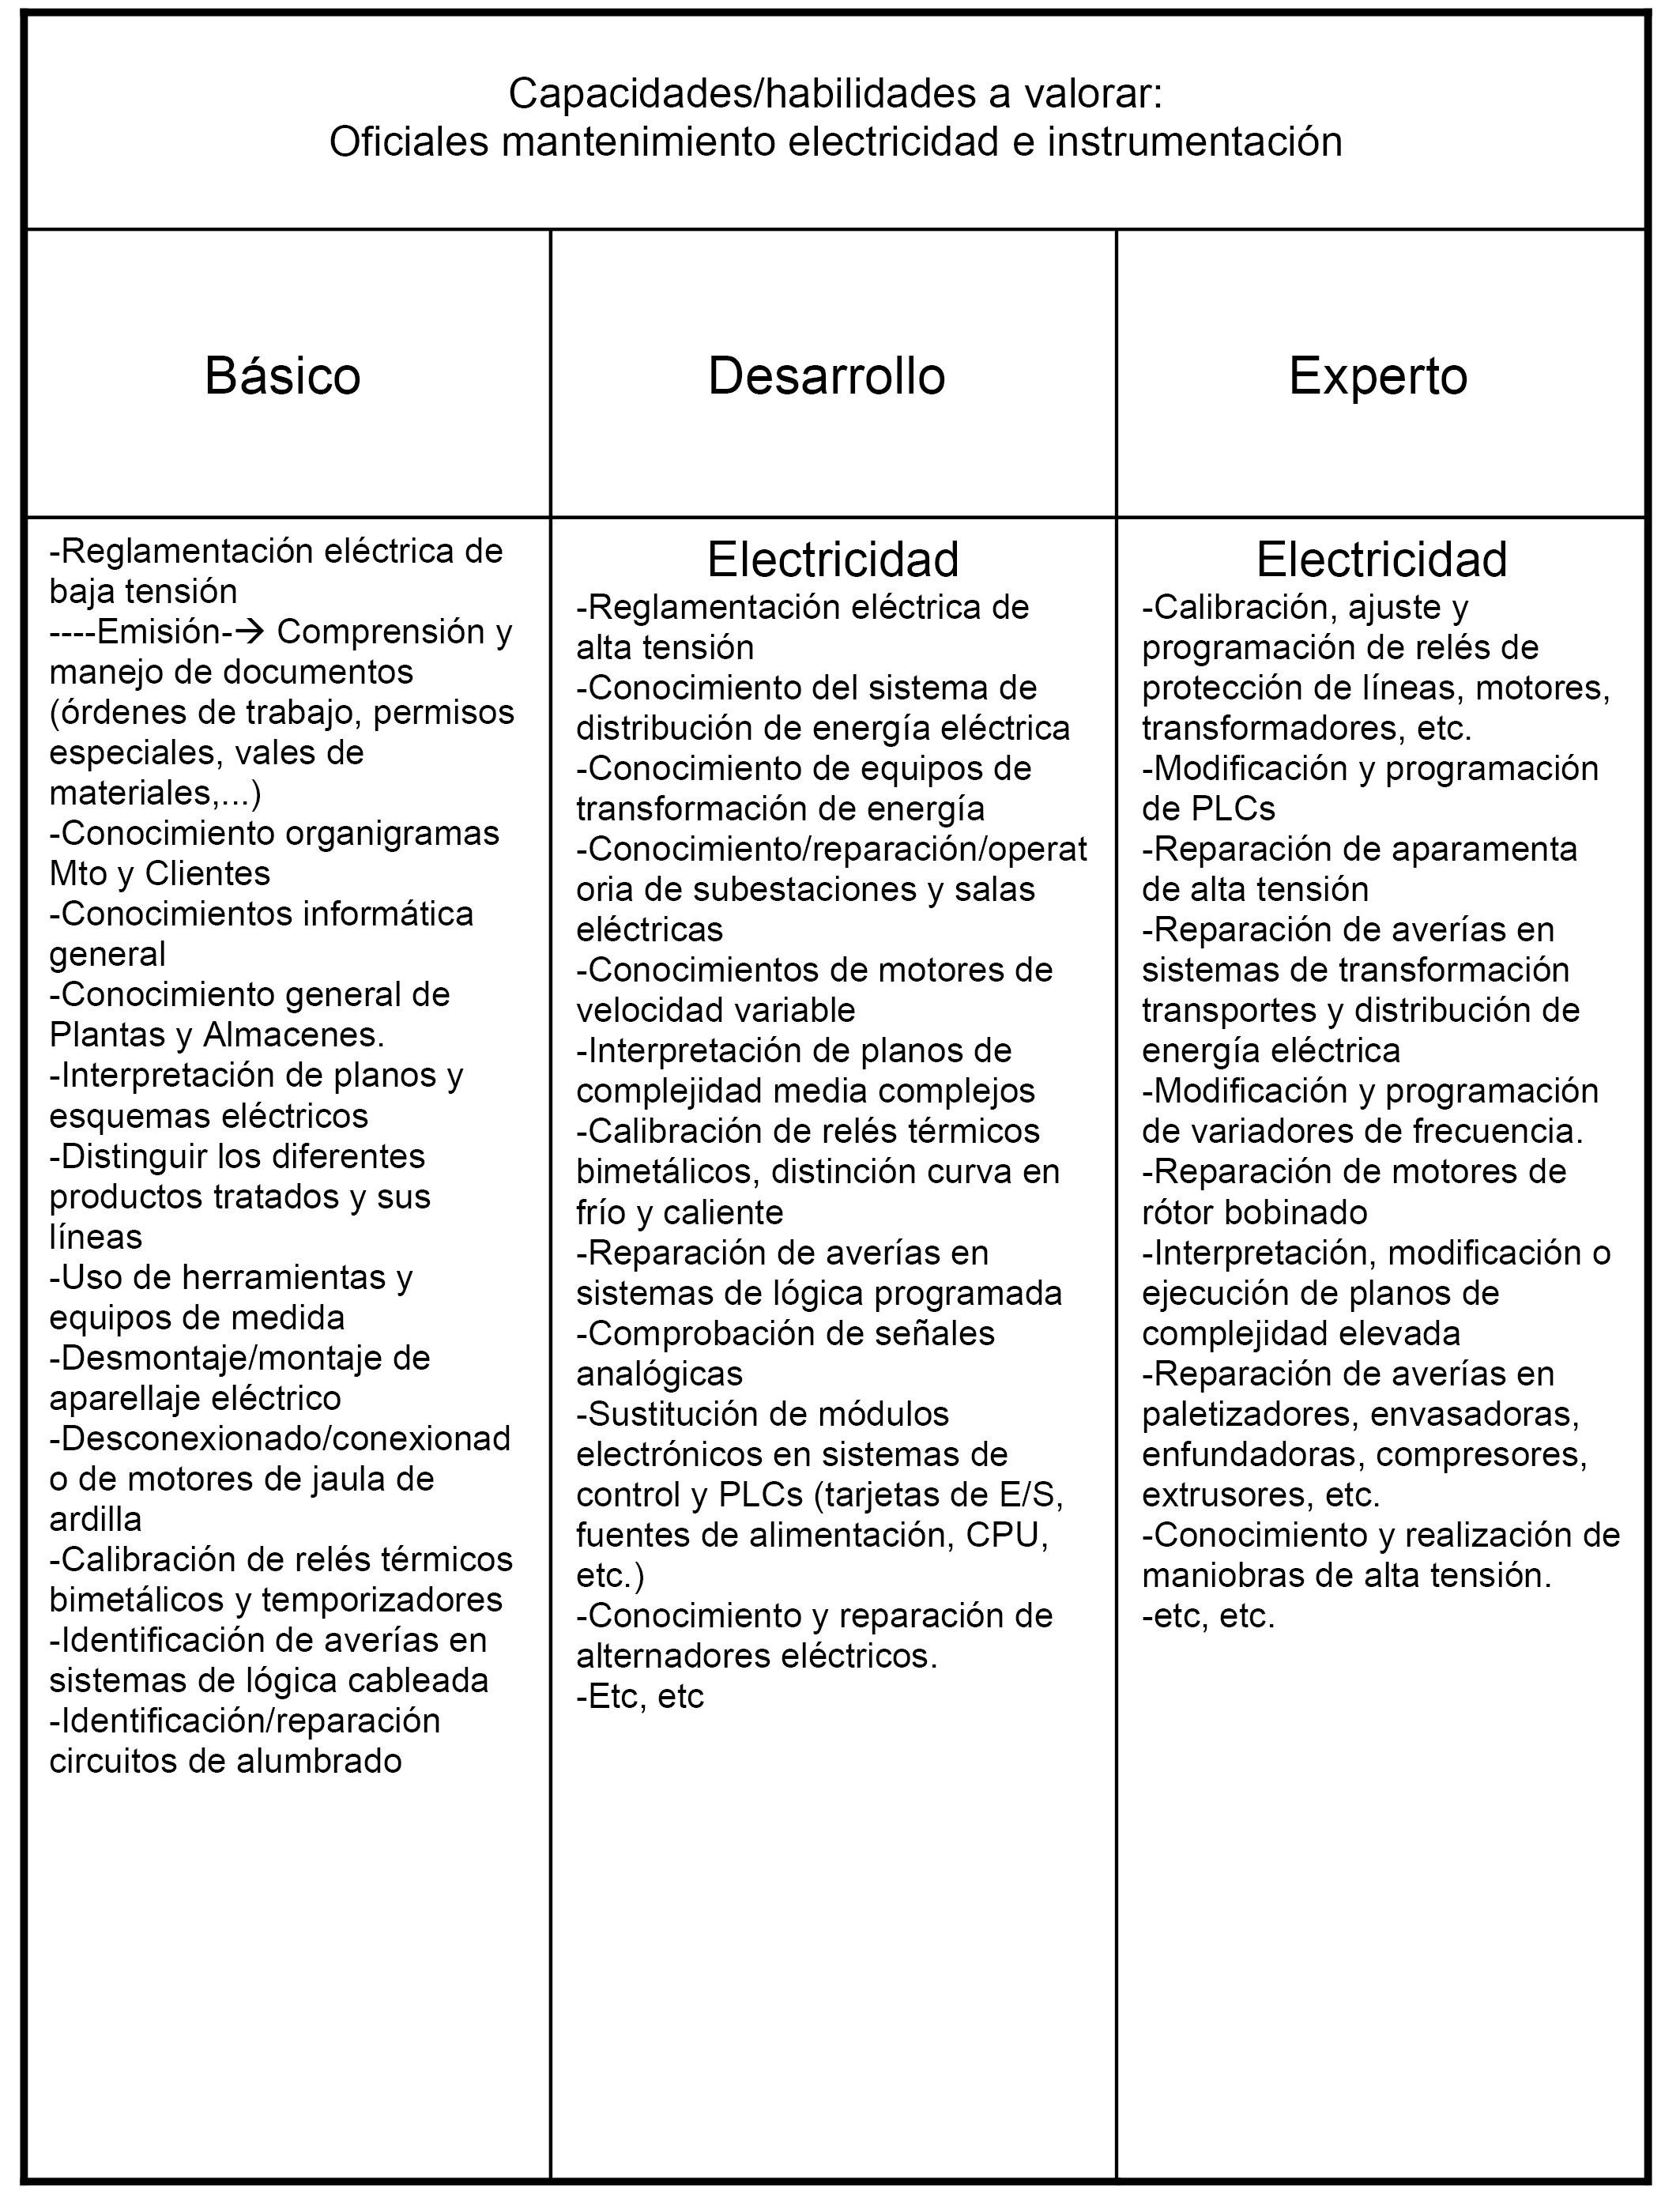 Moderno Mantenimiento Habilidades De Reanudar Viñeta - Colección De ...